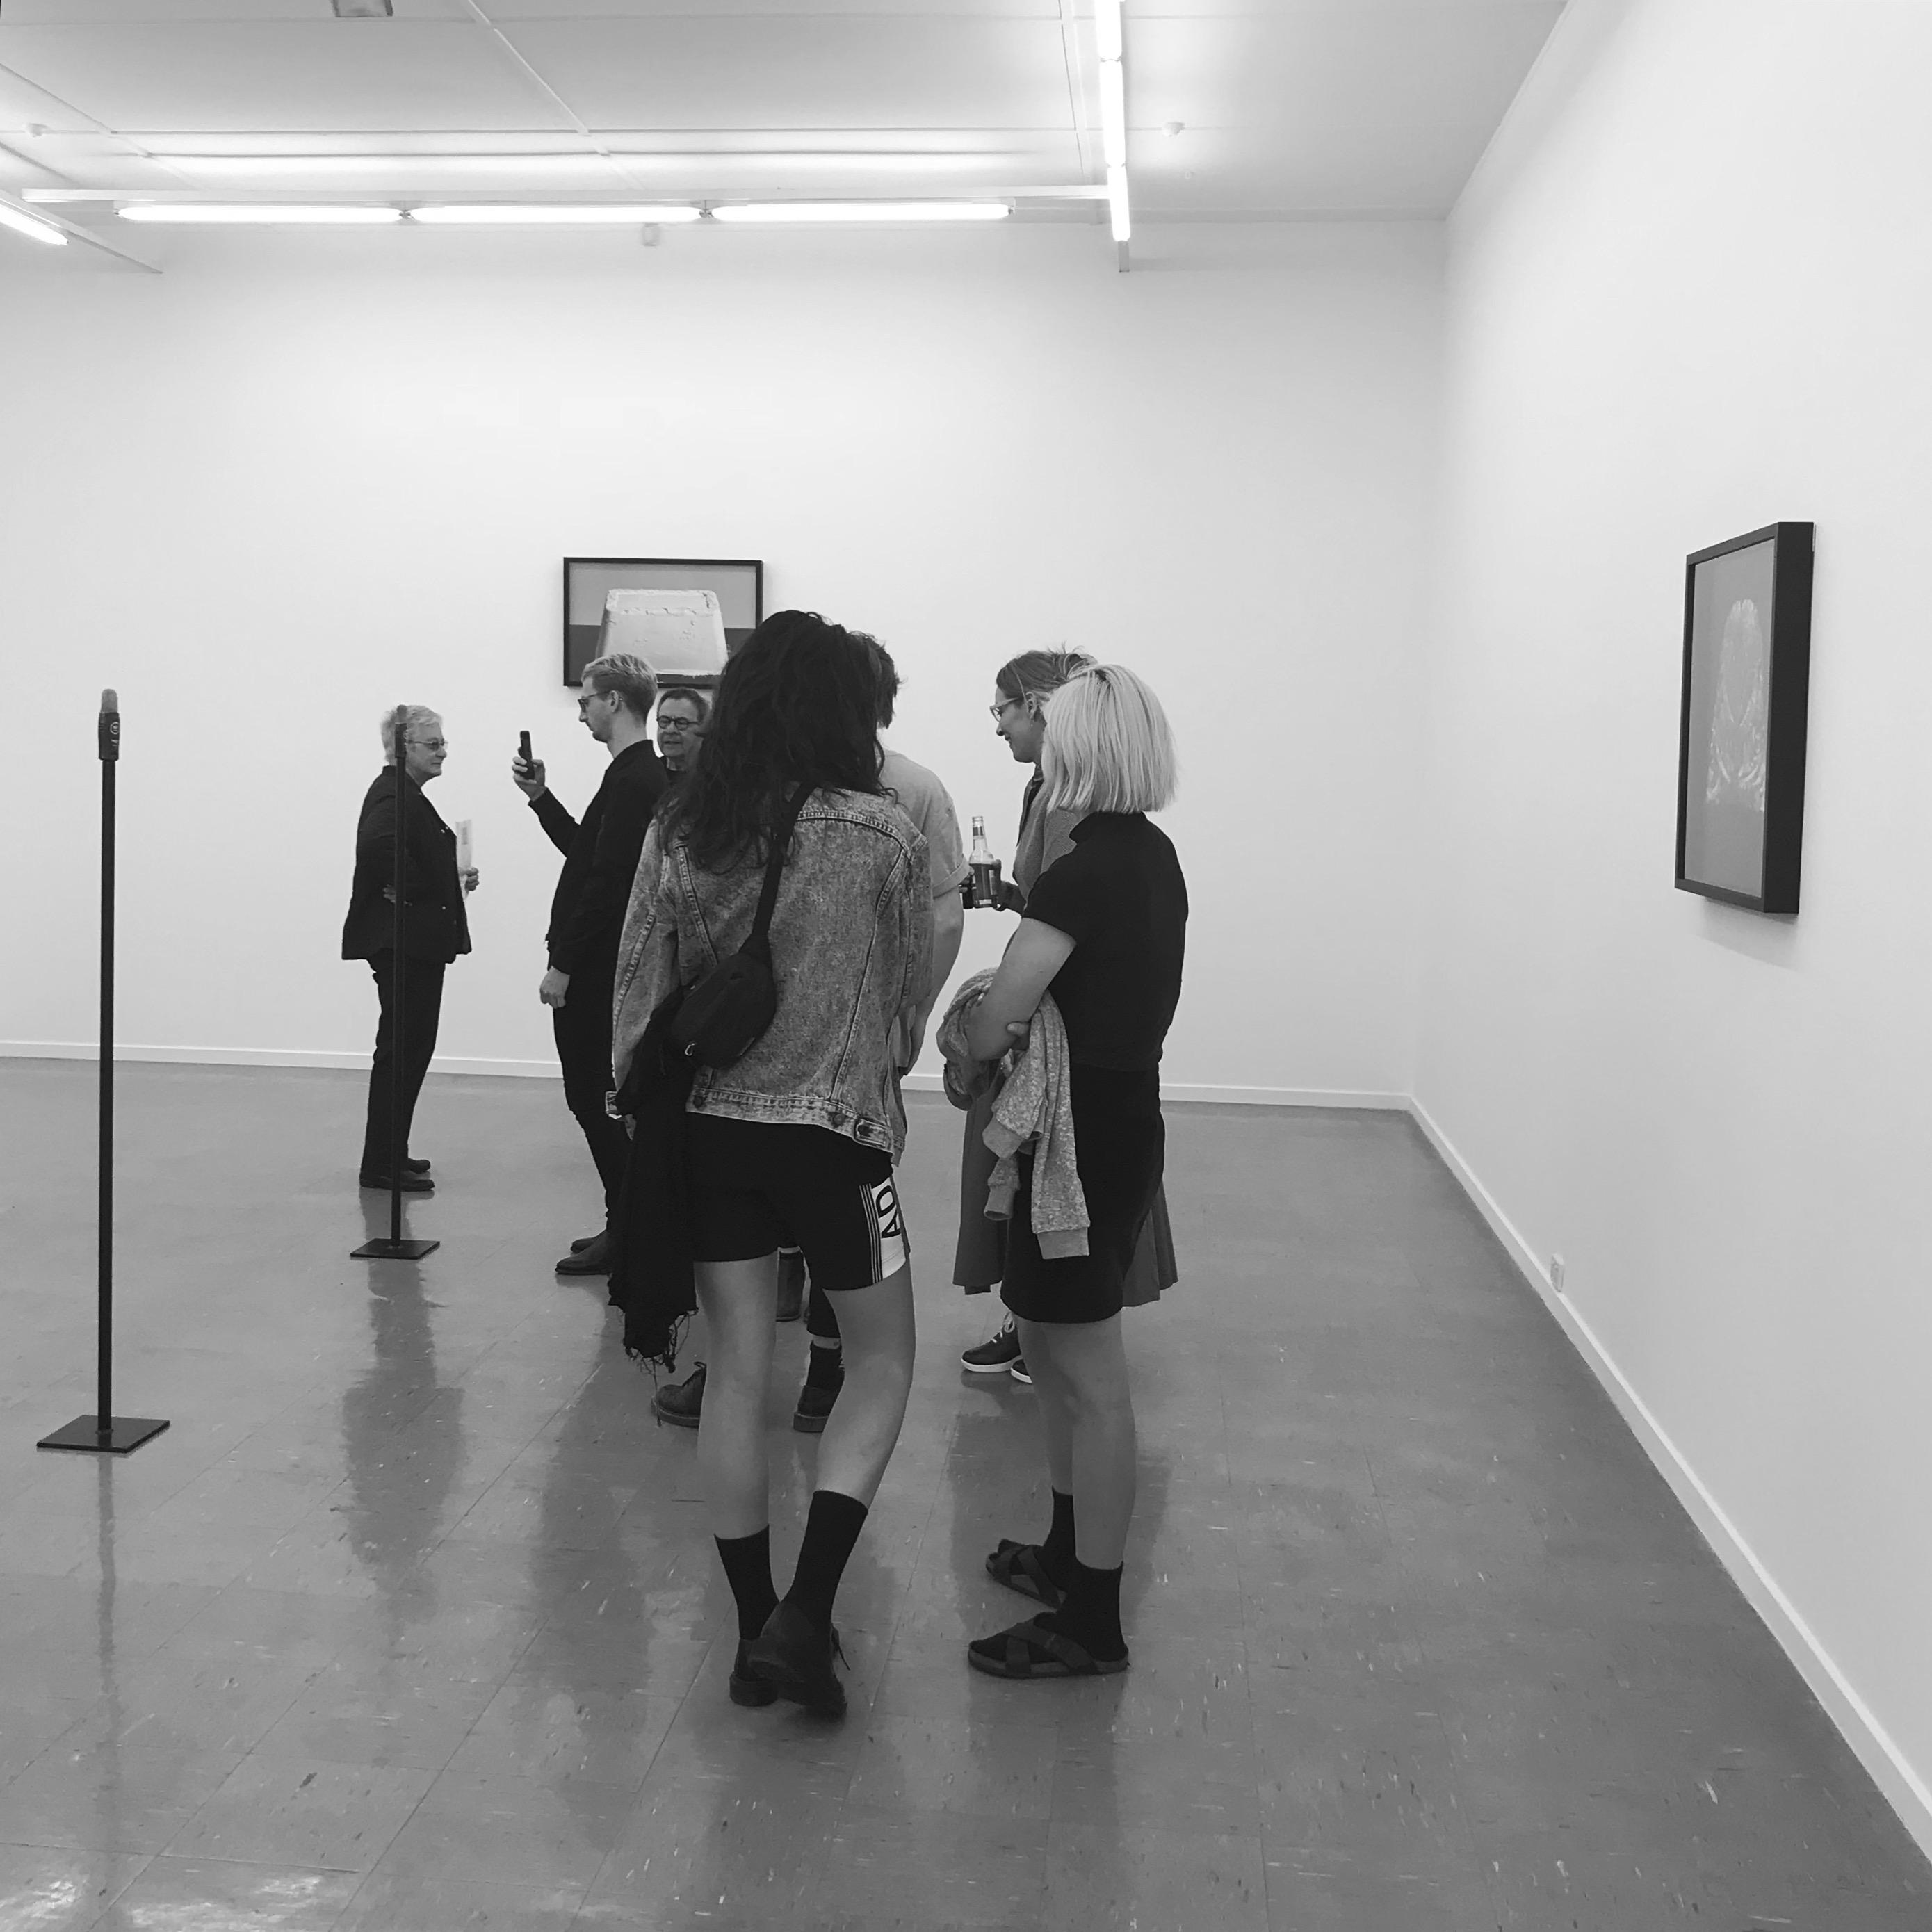 287. 14 OCT 17-Exhibition - CB_insta.JPG